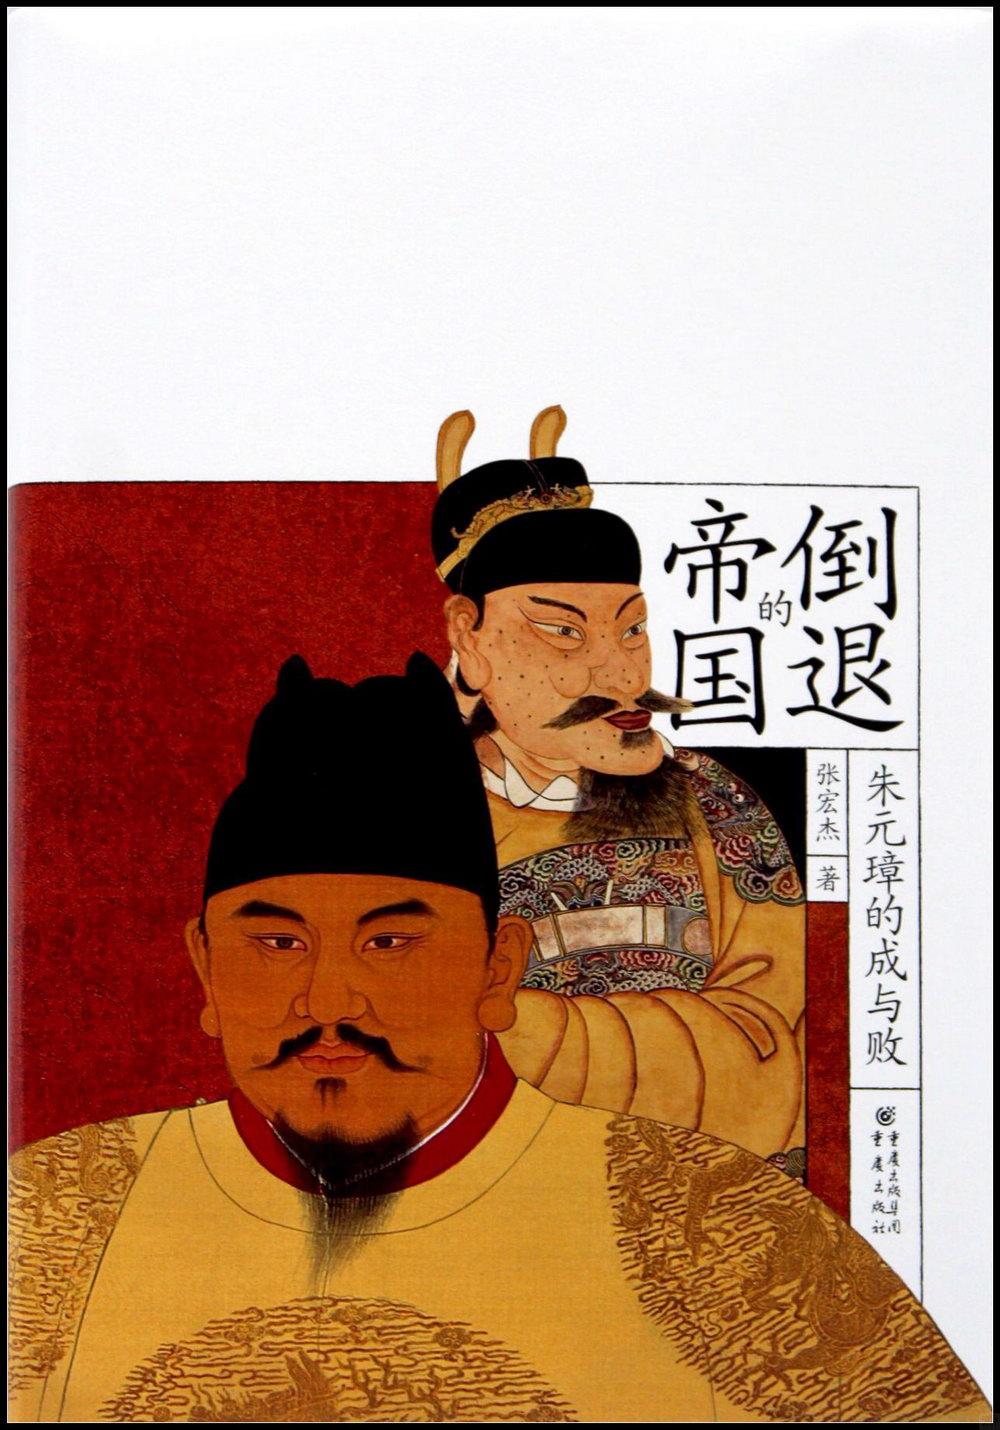 倒退的帝國:朱元璋的成與敗